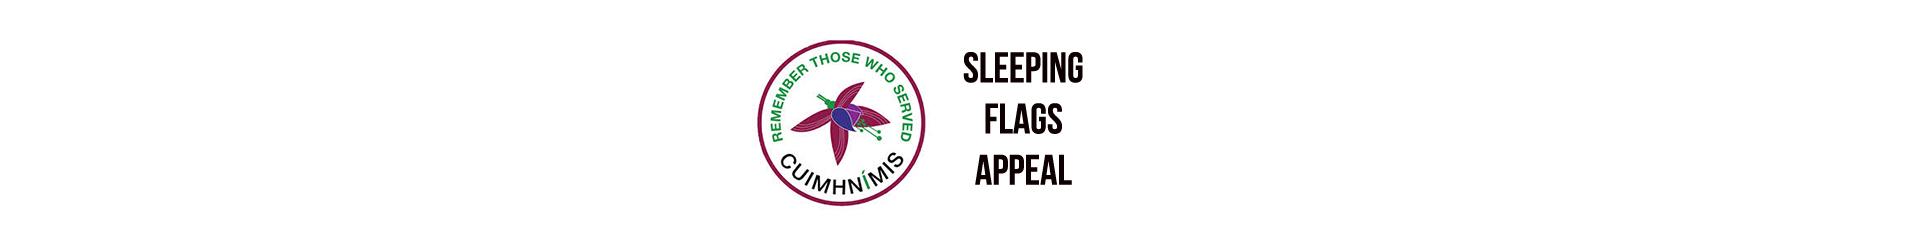 Sleeping Flags Appeal